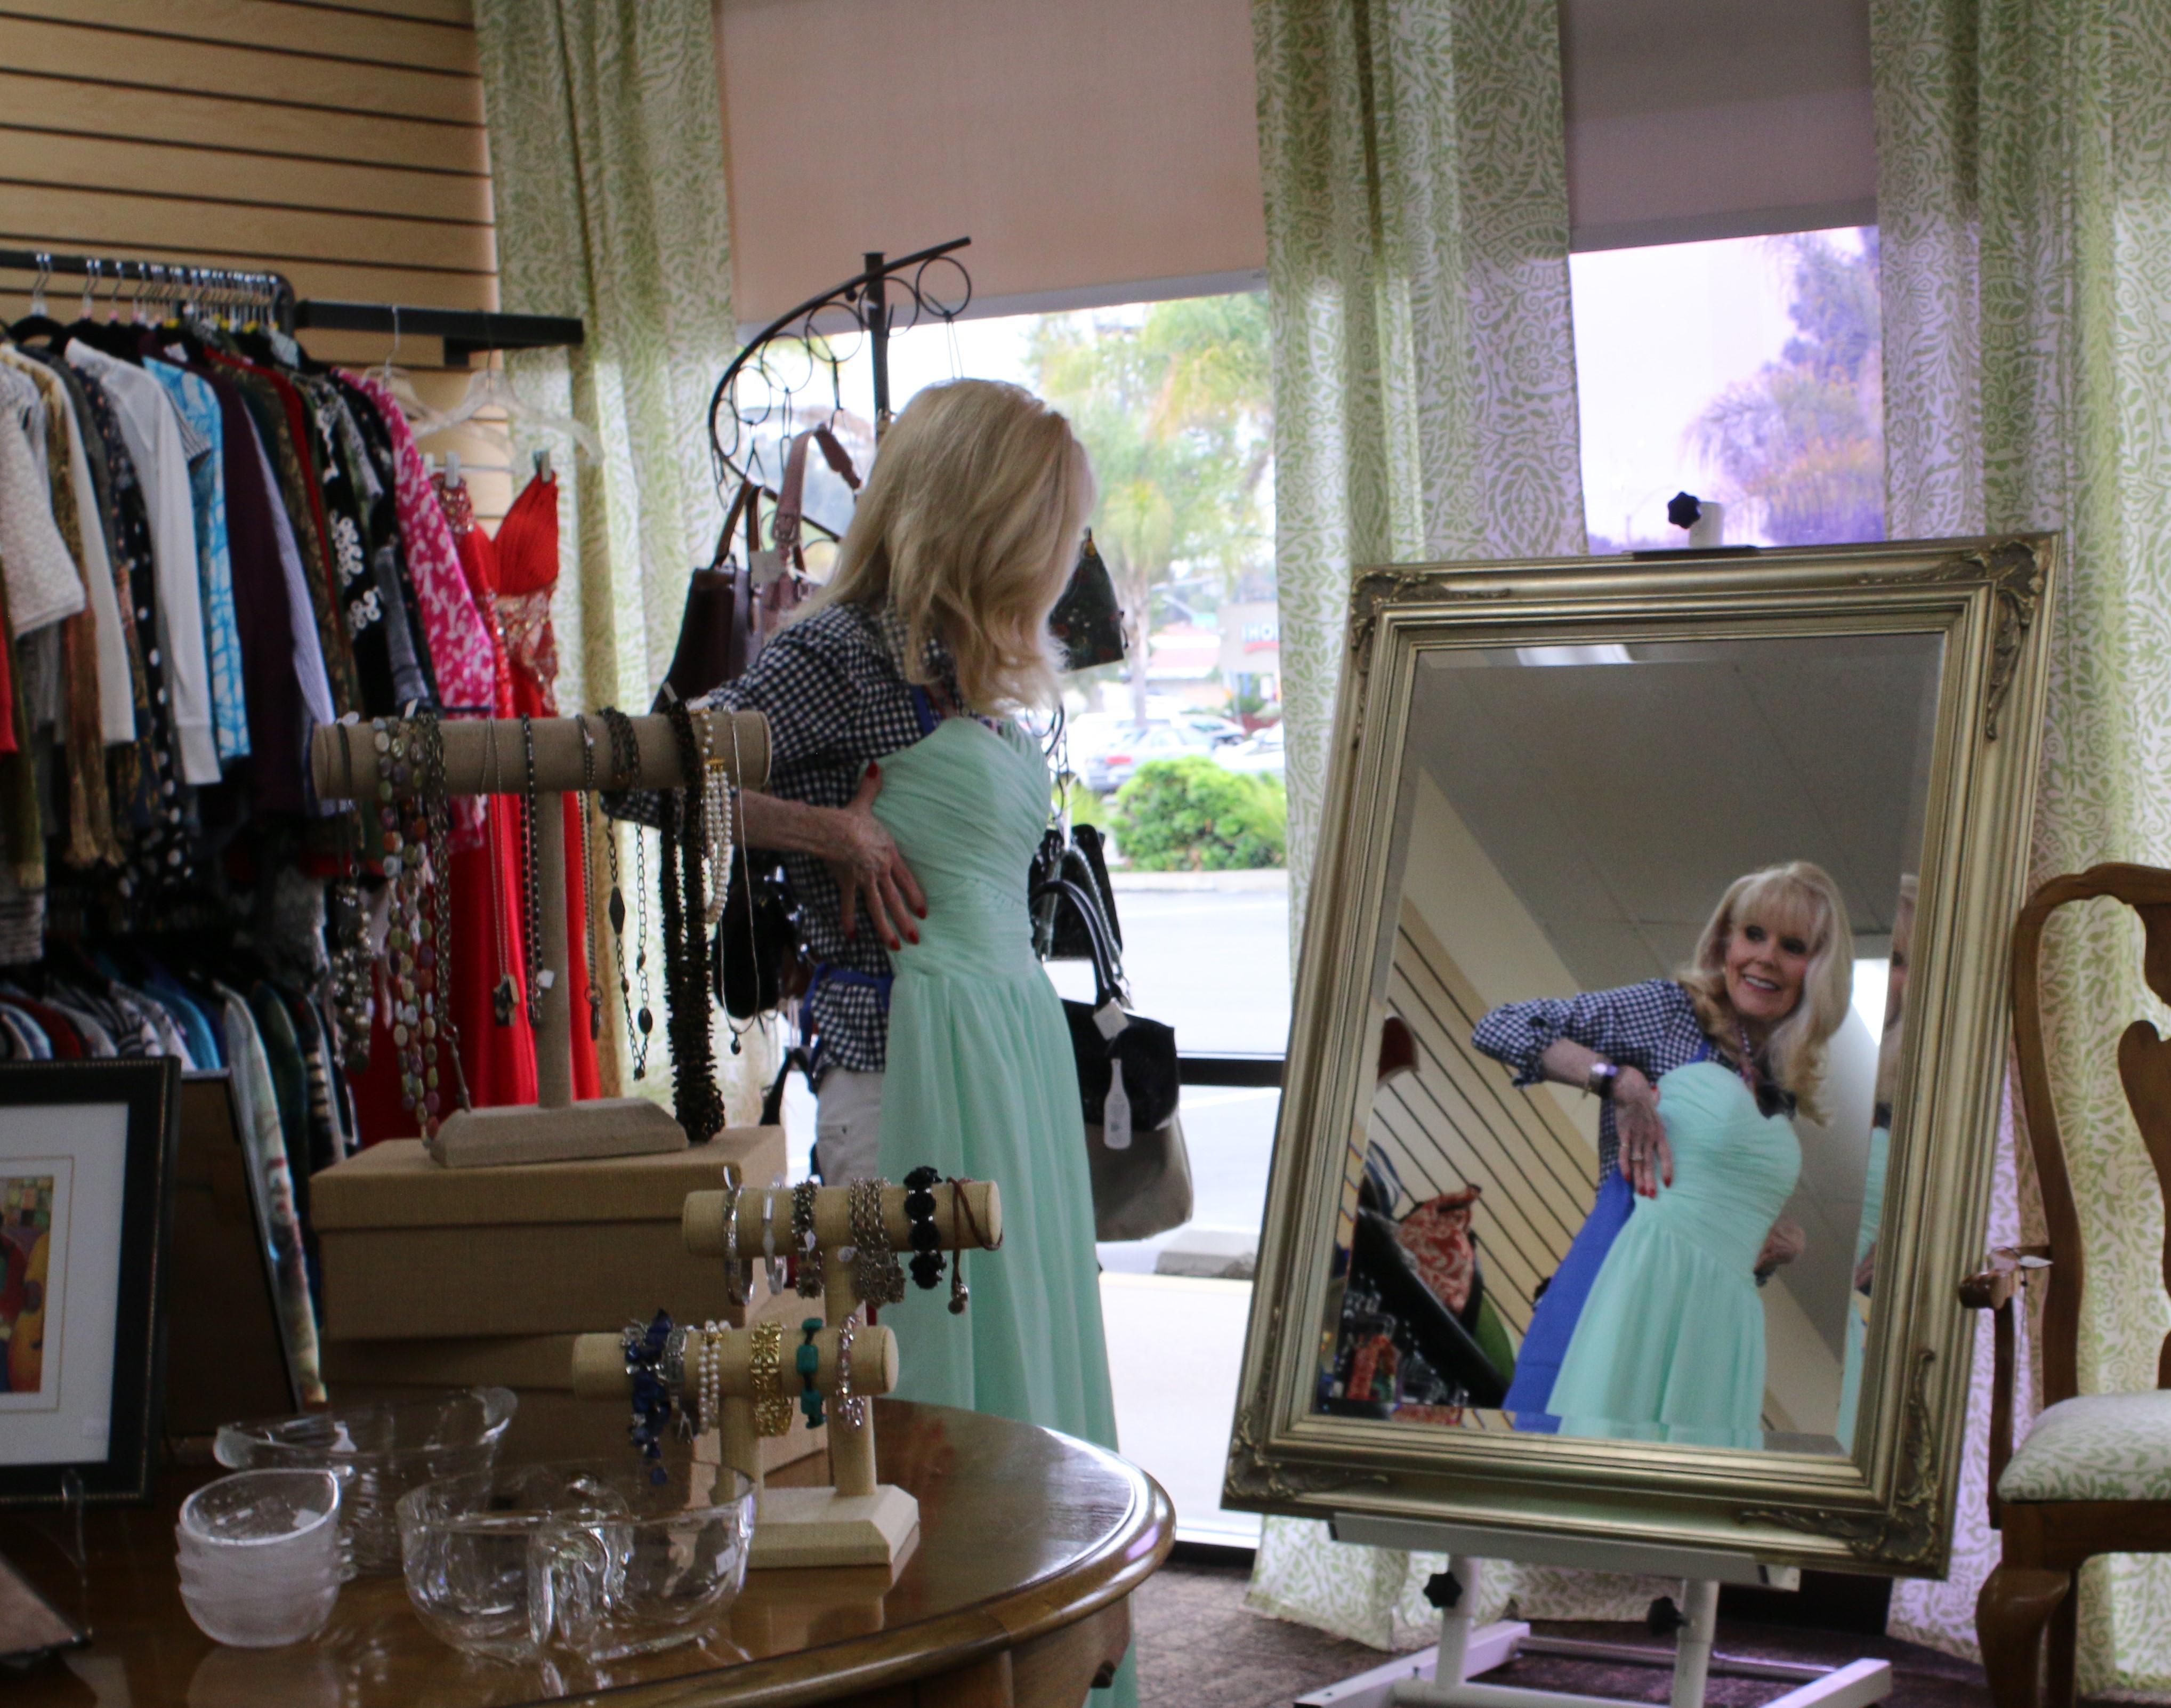 A woman fitting a cyan dress